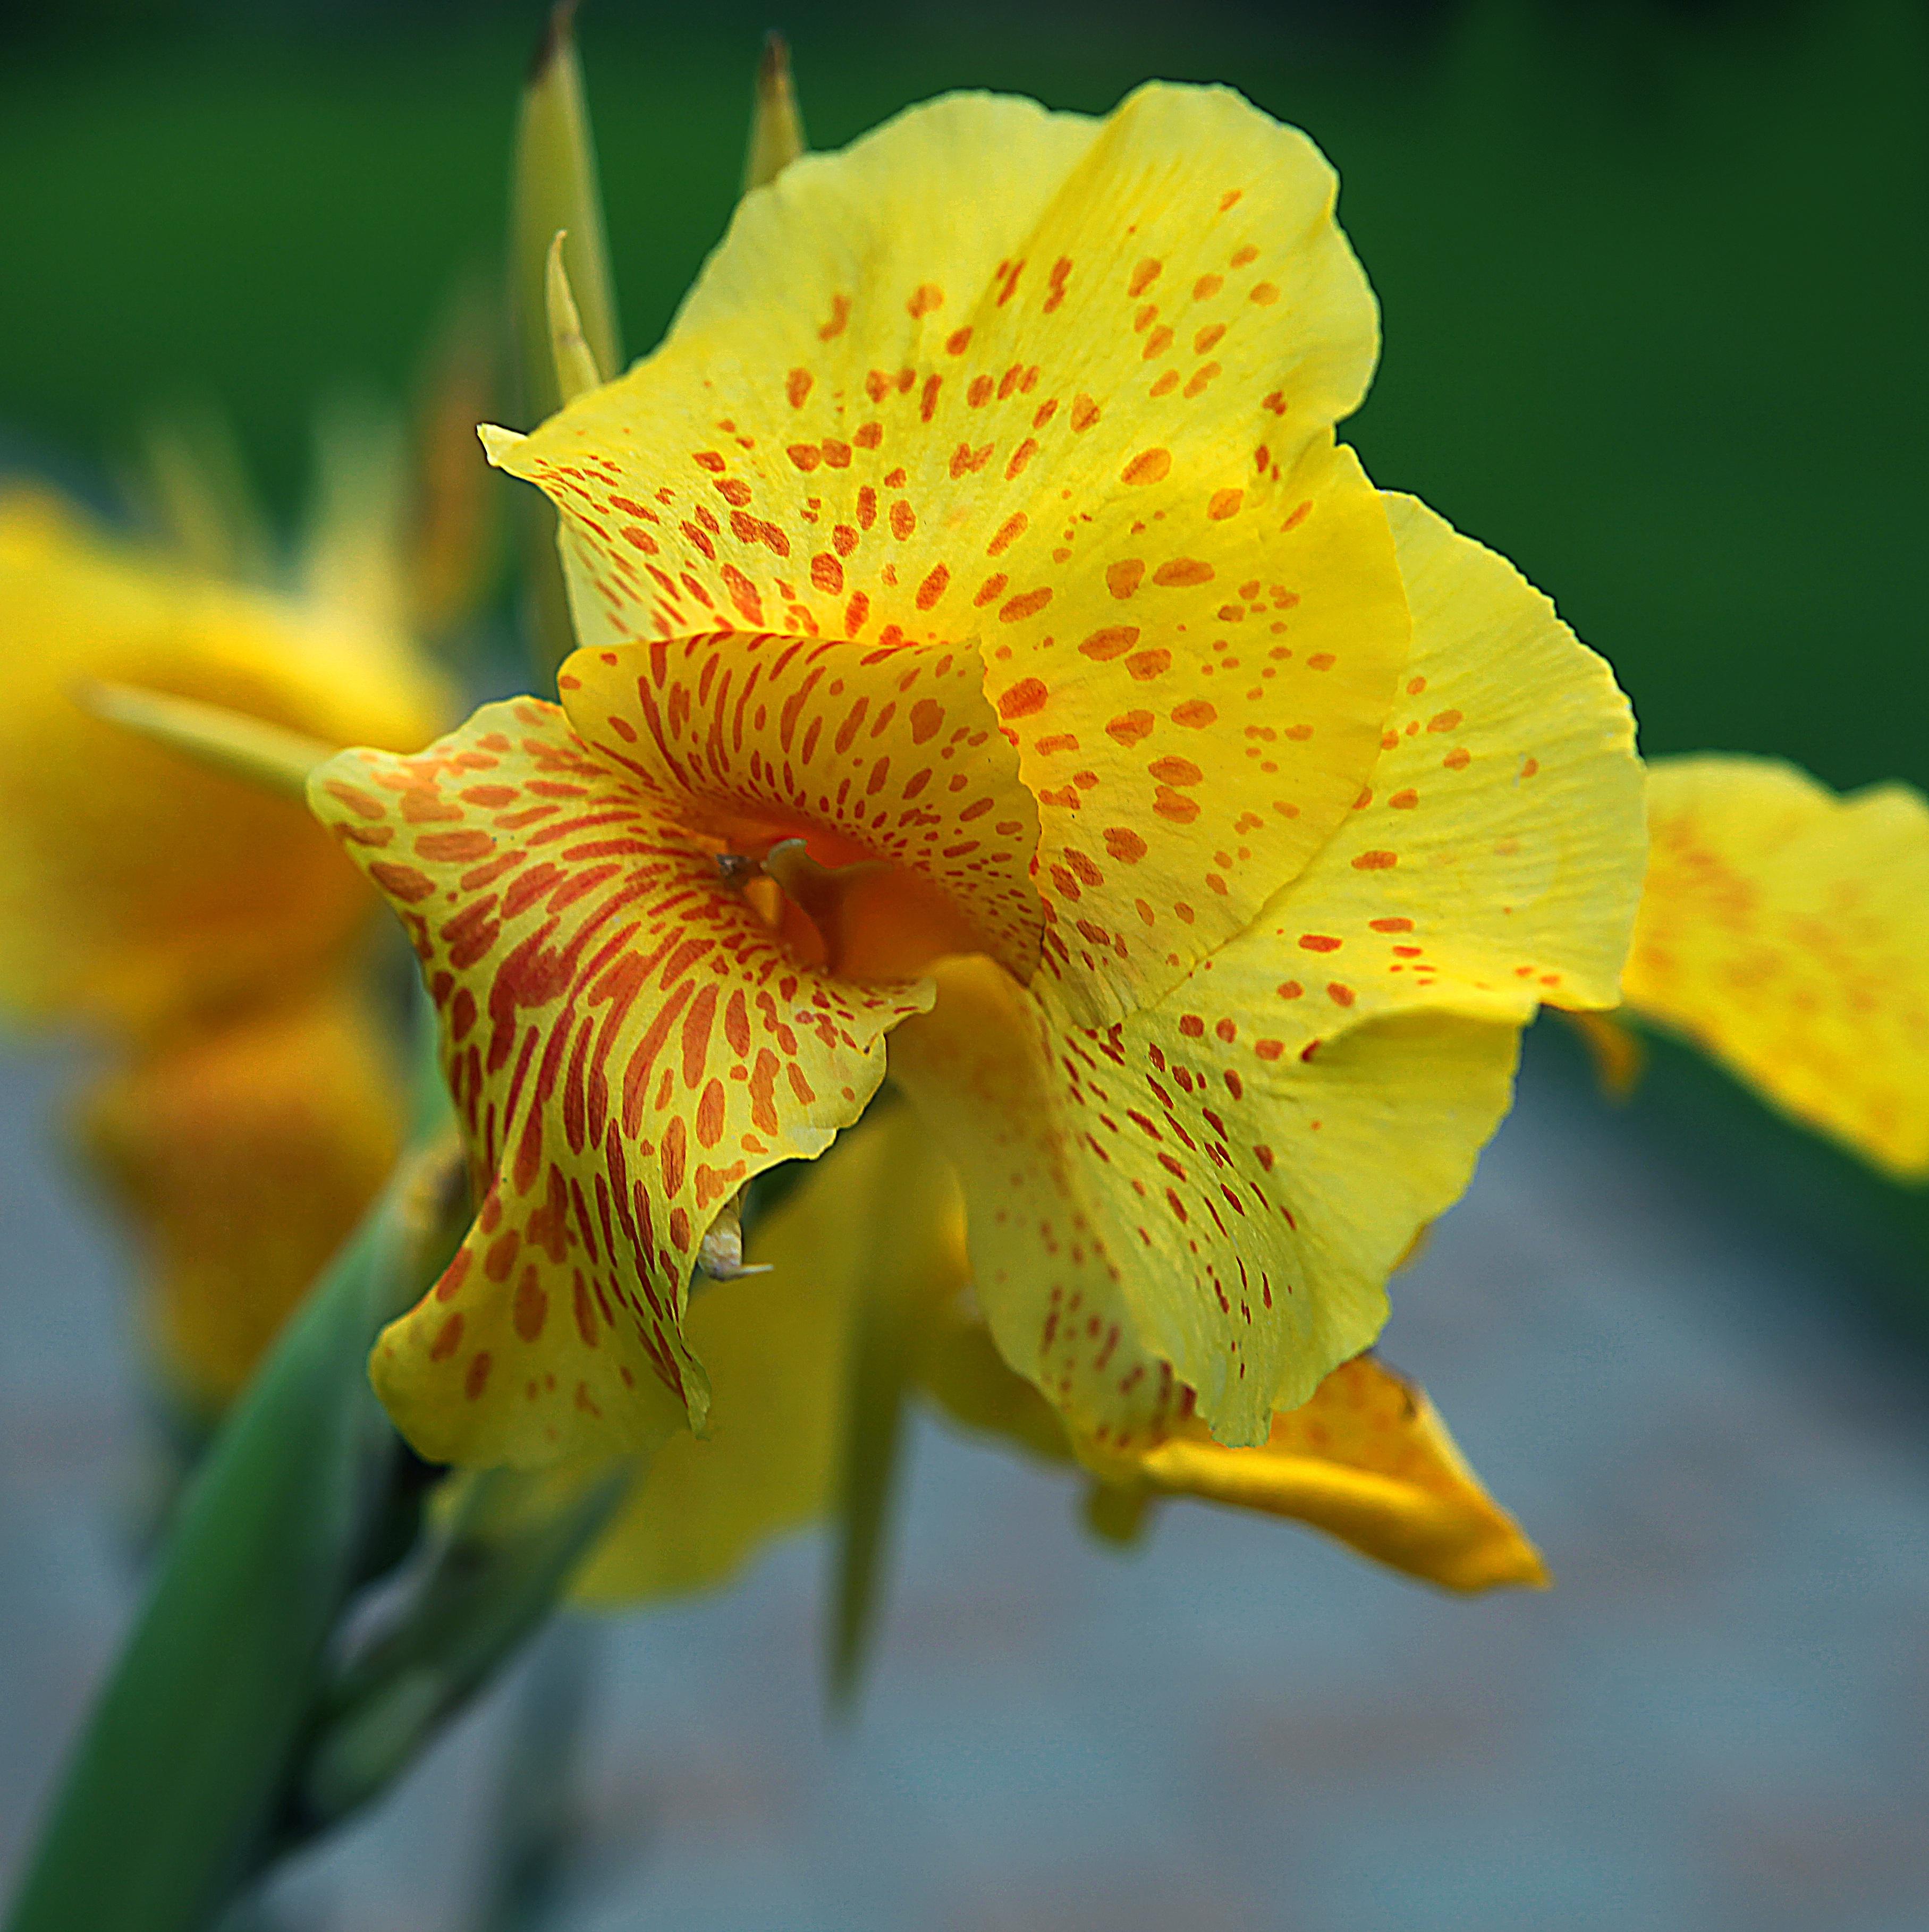 Free Images Nature Blossom Leaf Petal Summer Green Botany